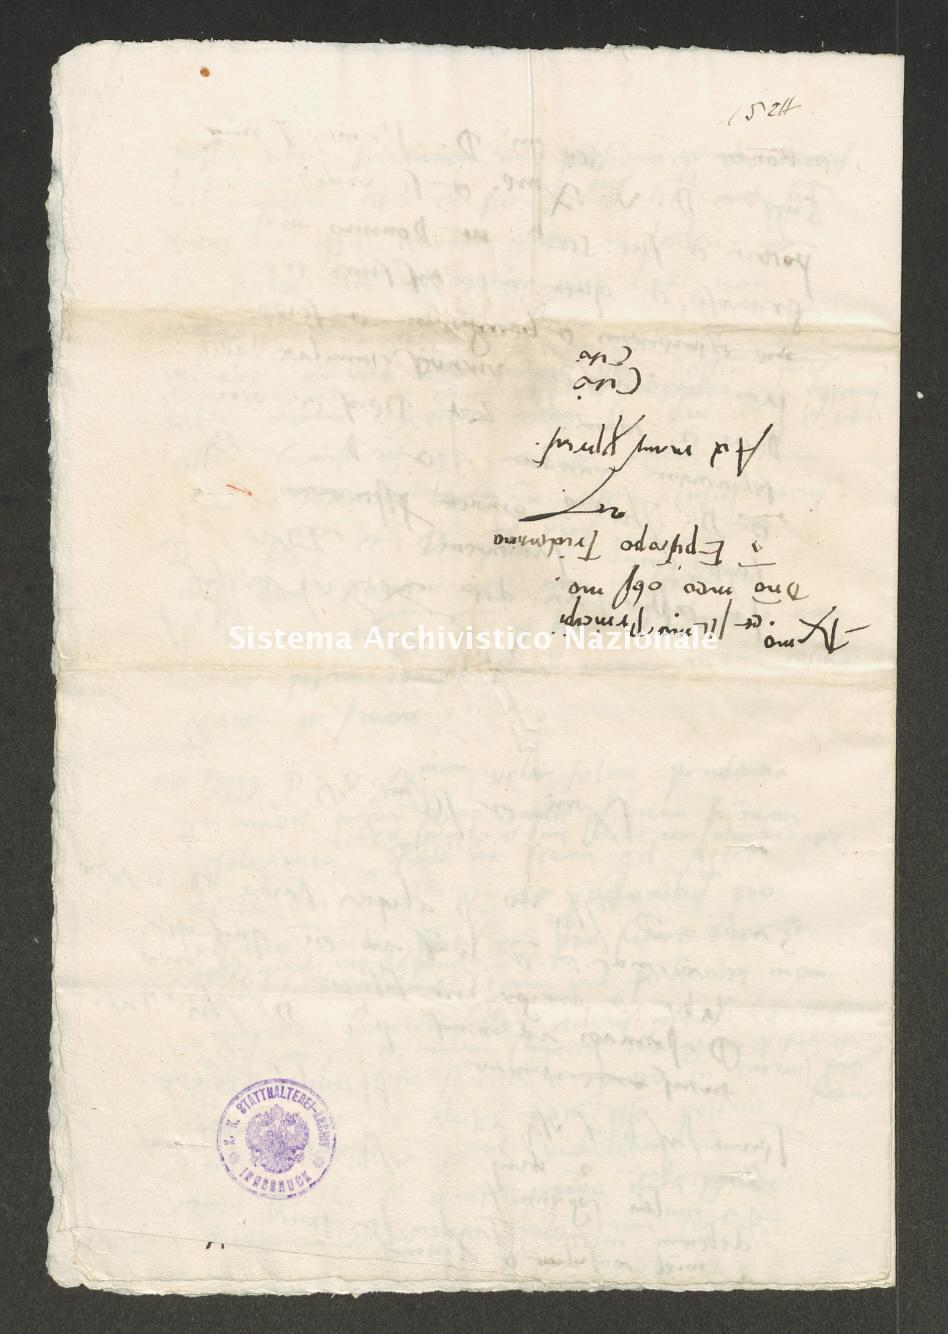 Archivio di Stato di Trento, Capitolo del Duomo di Trento, ITASTNCAPITOLODUOMON1312, Pergamena ITASTNCAPITOLODUOMON1312_02